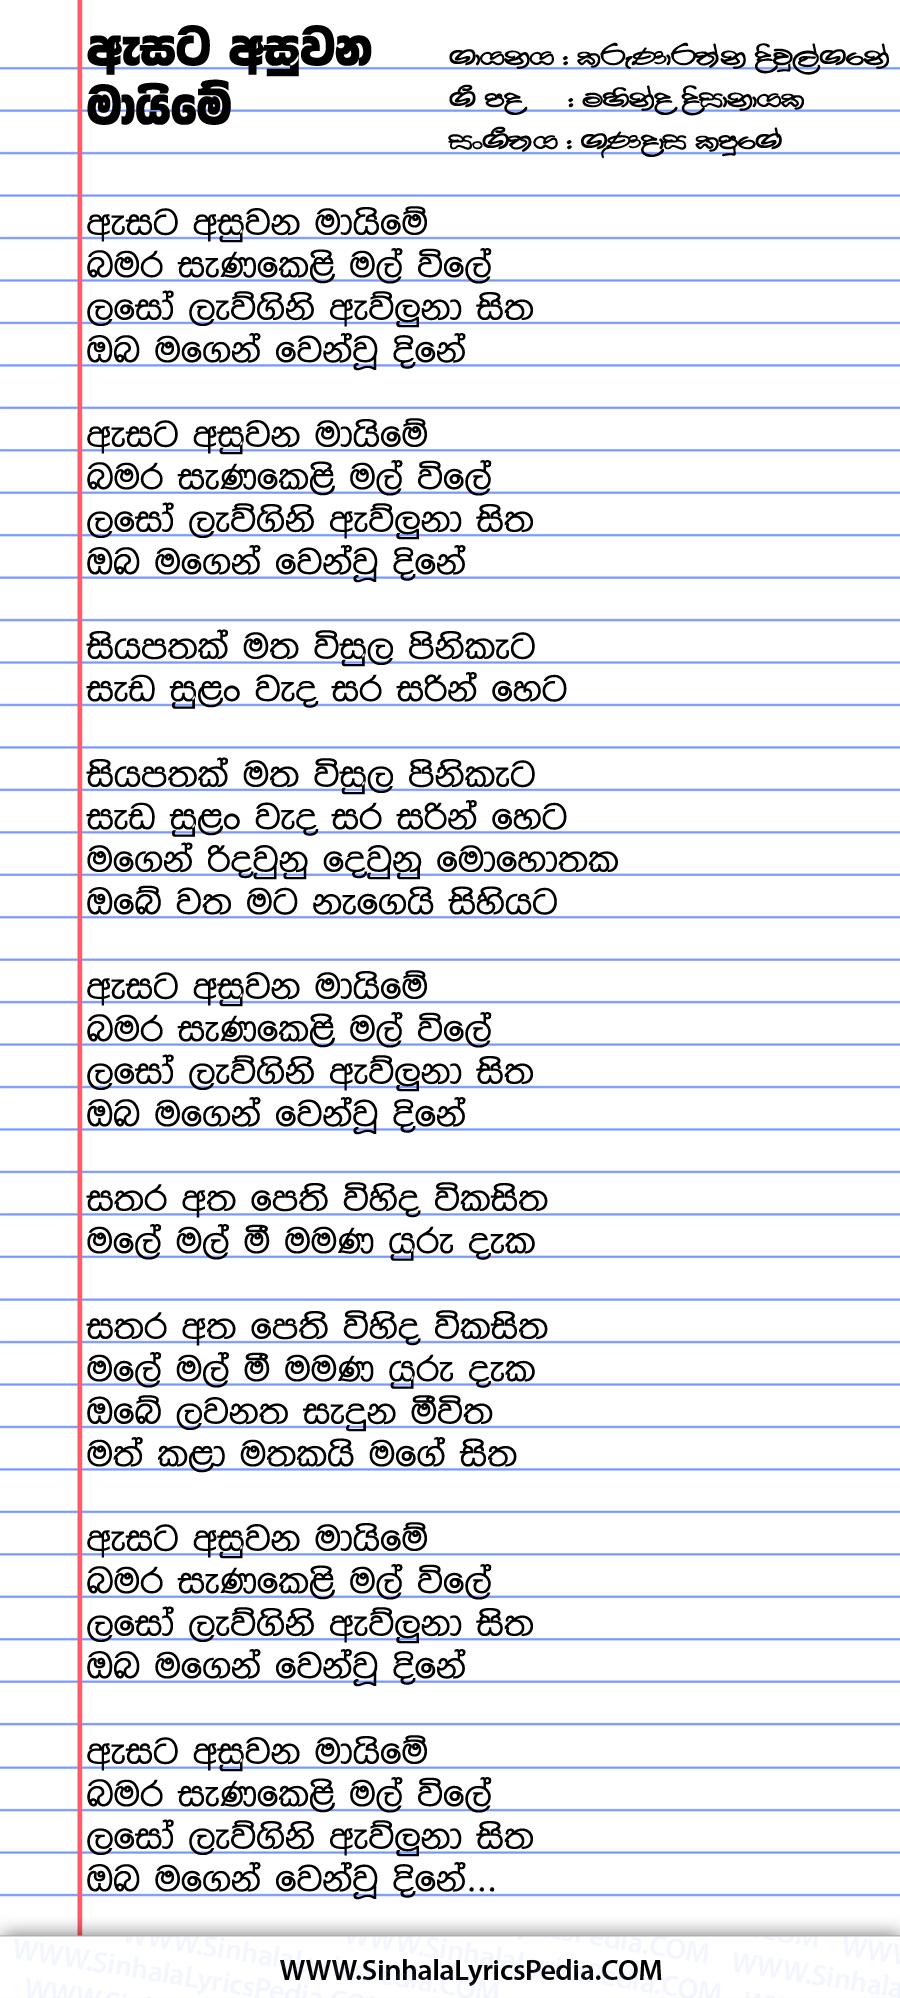 Asata Asuwana Maime Song Lyrics